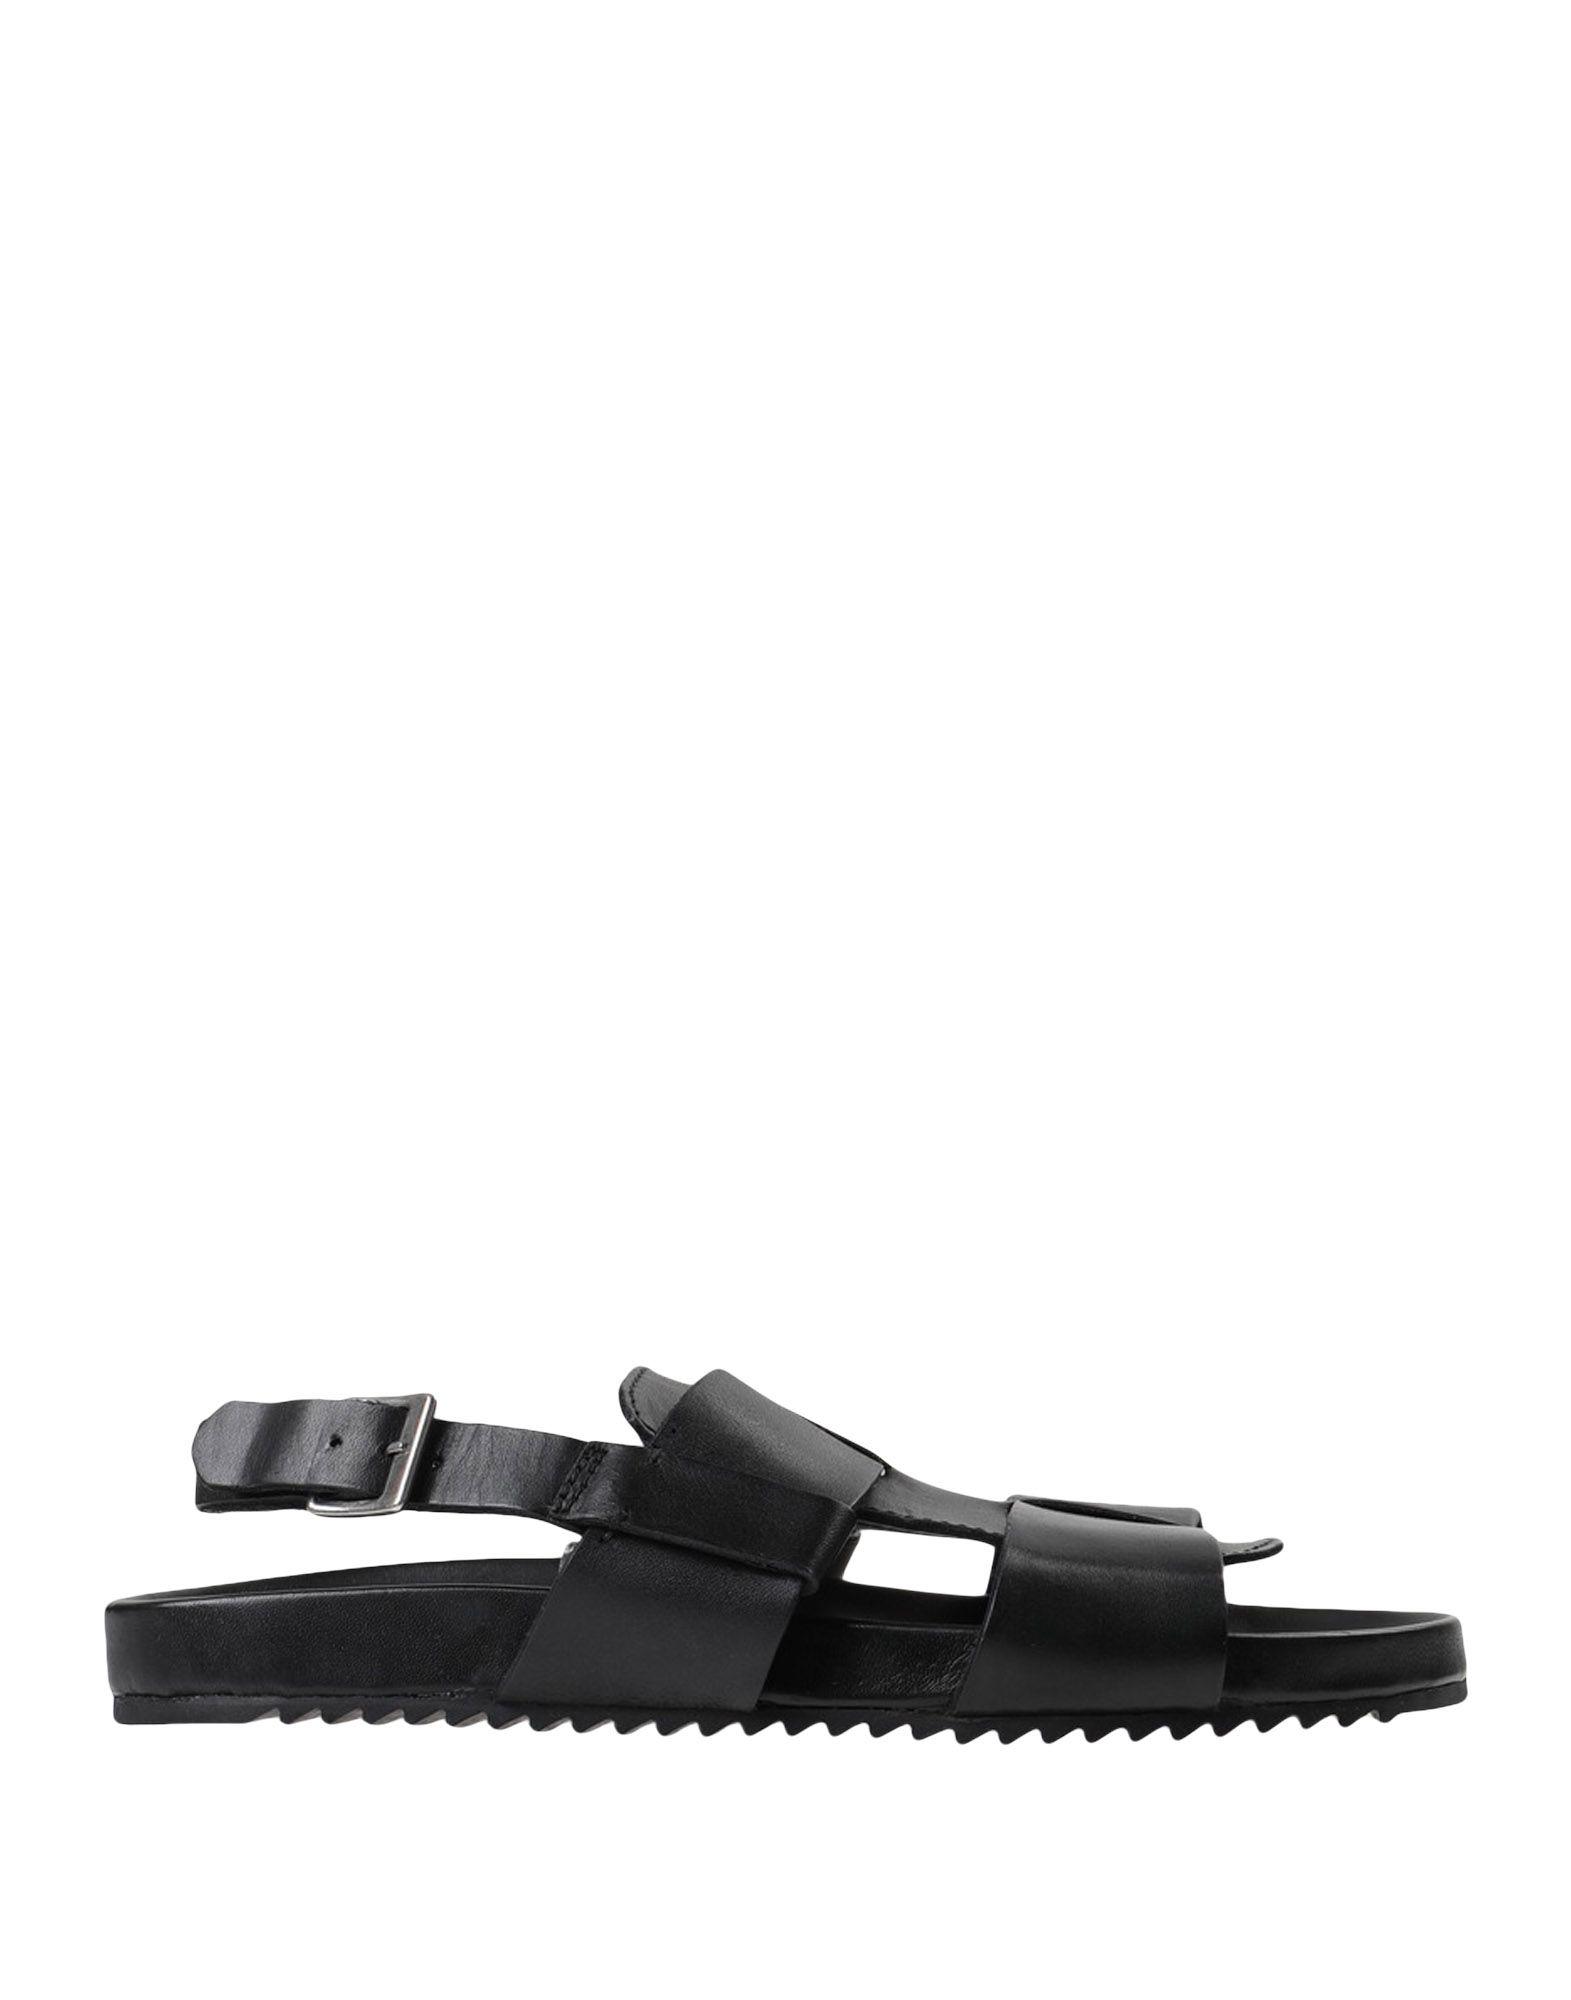 купить сандалии спортивные женские в интернет магазине